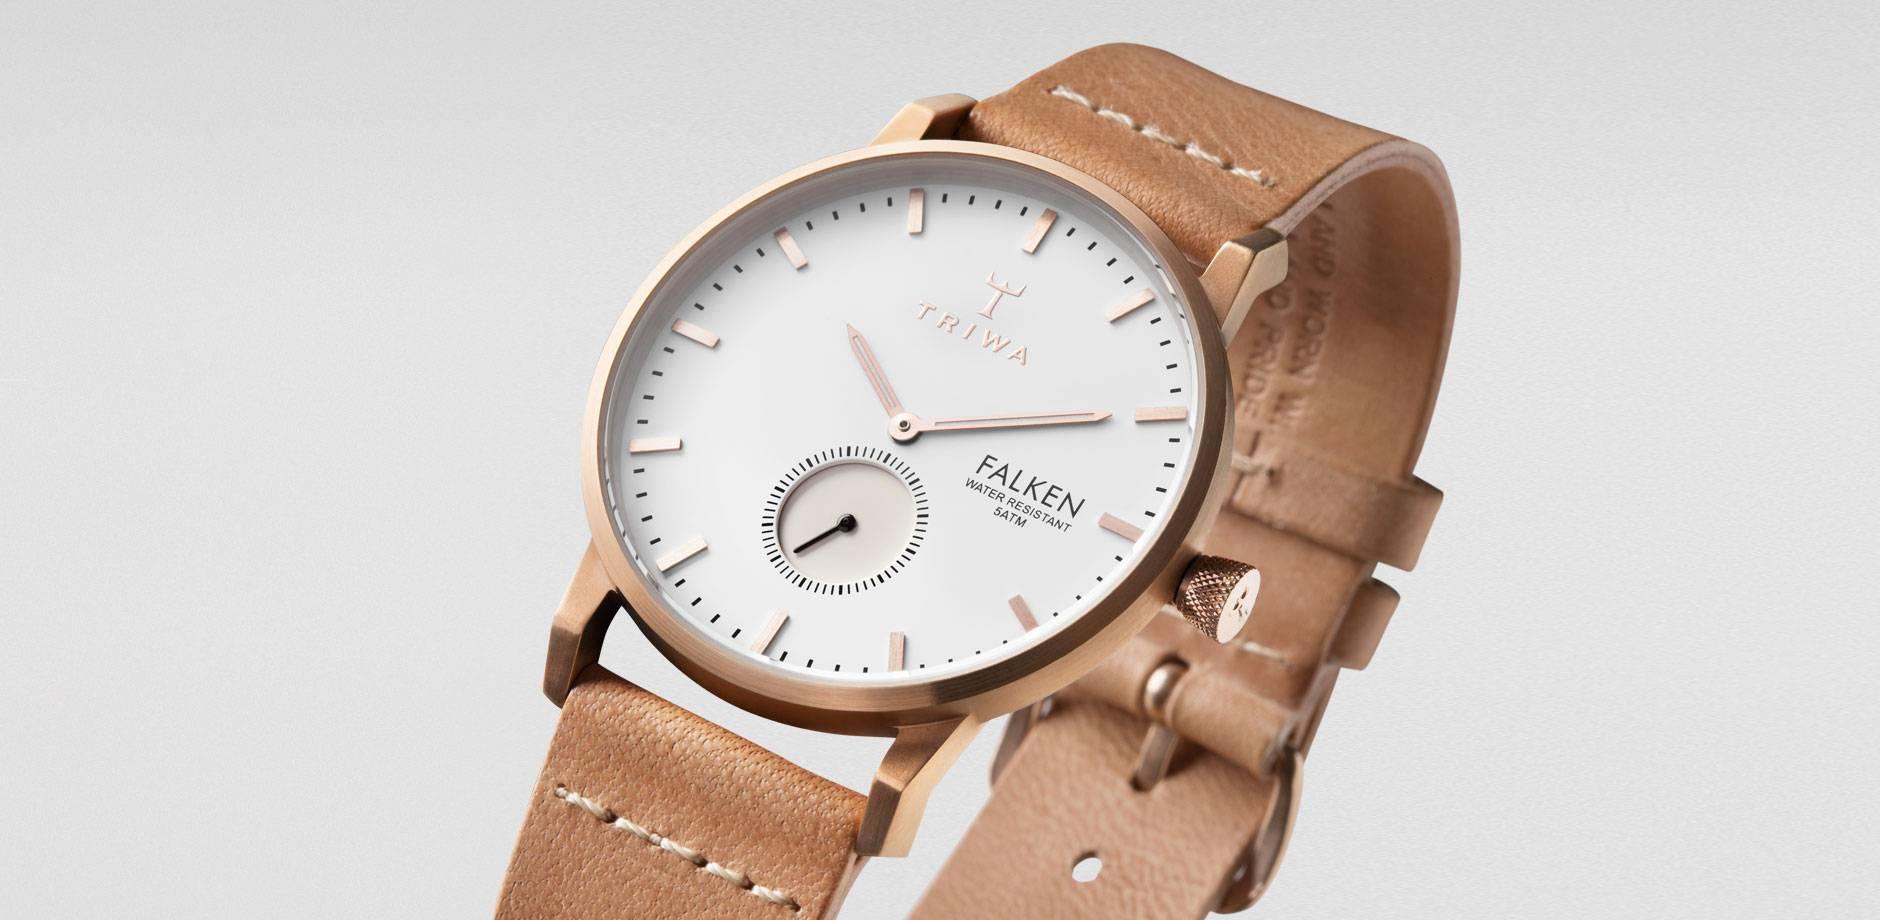 TRIWA Dámské hodinky Triwa Rose Falken, béžová barva, kov, kůže